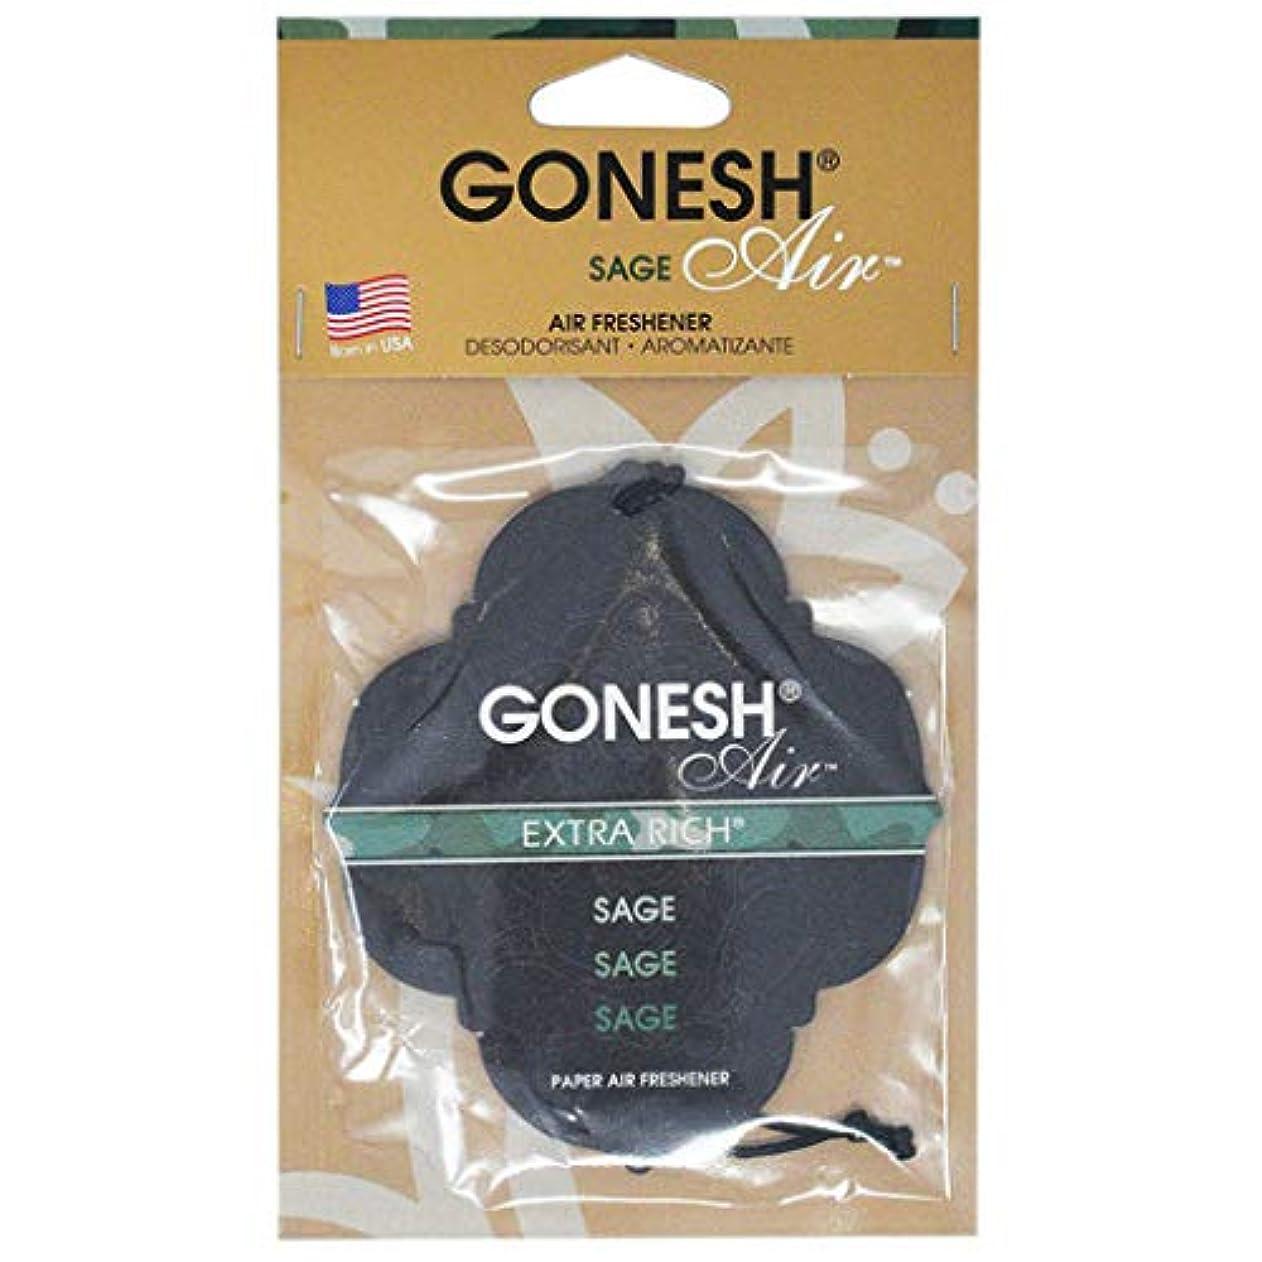 ショッピングセンター賞賛する治療GONESH(ガーネッシュ) GONESHペ-パ-エアフレッシュナ- SAGE 96mm×3mm×170mm